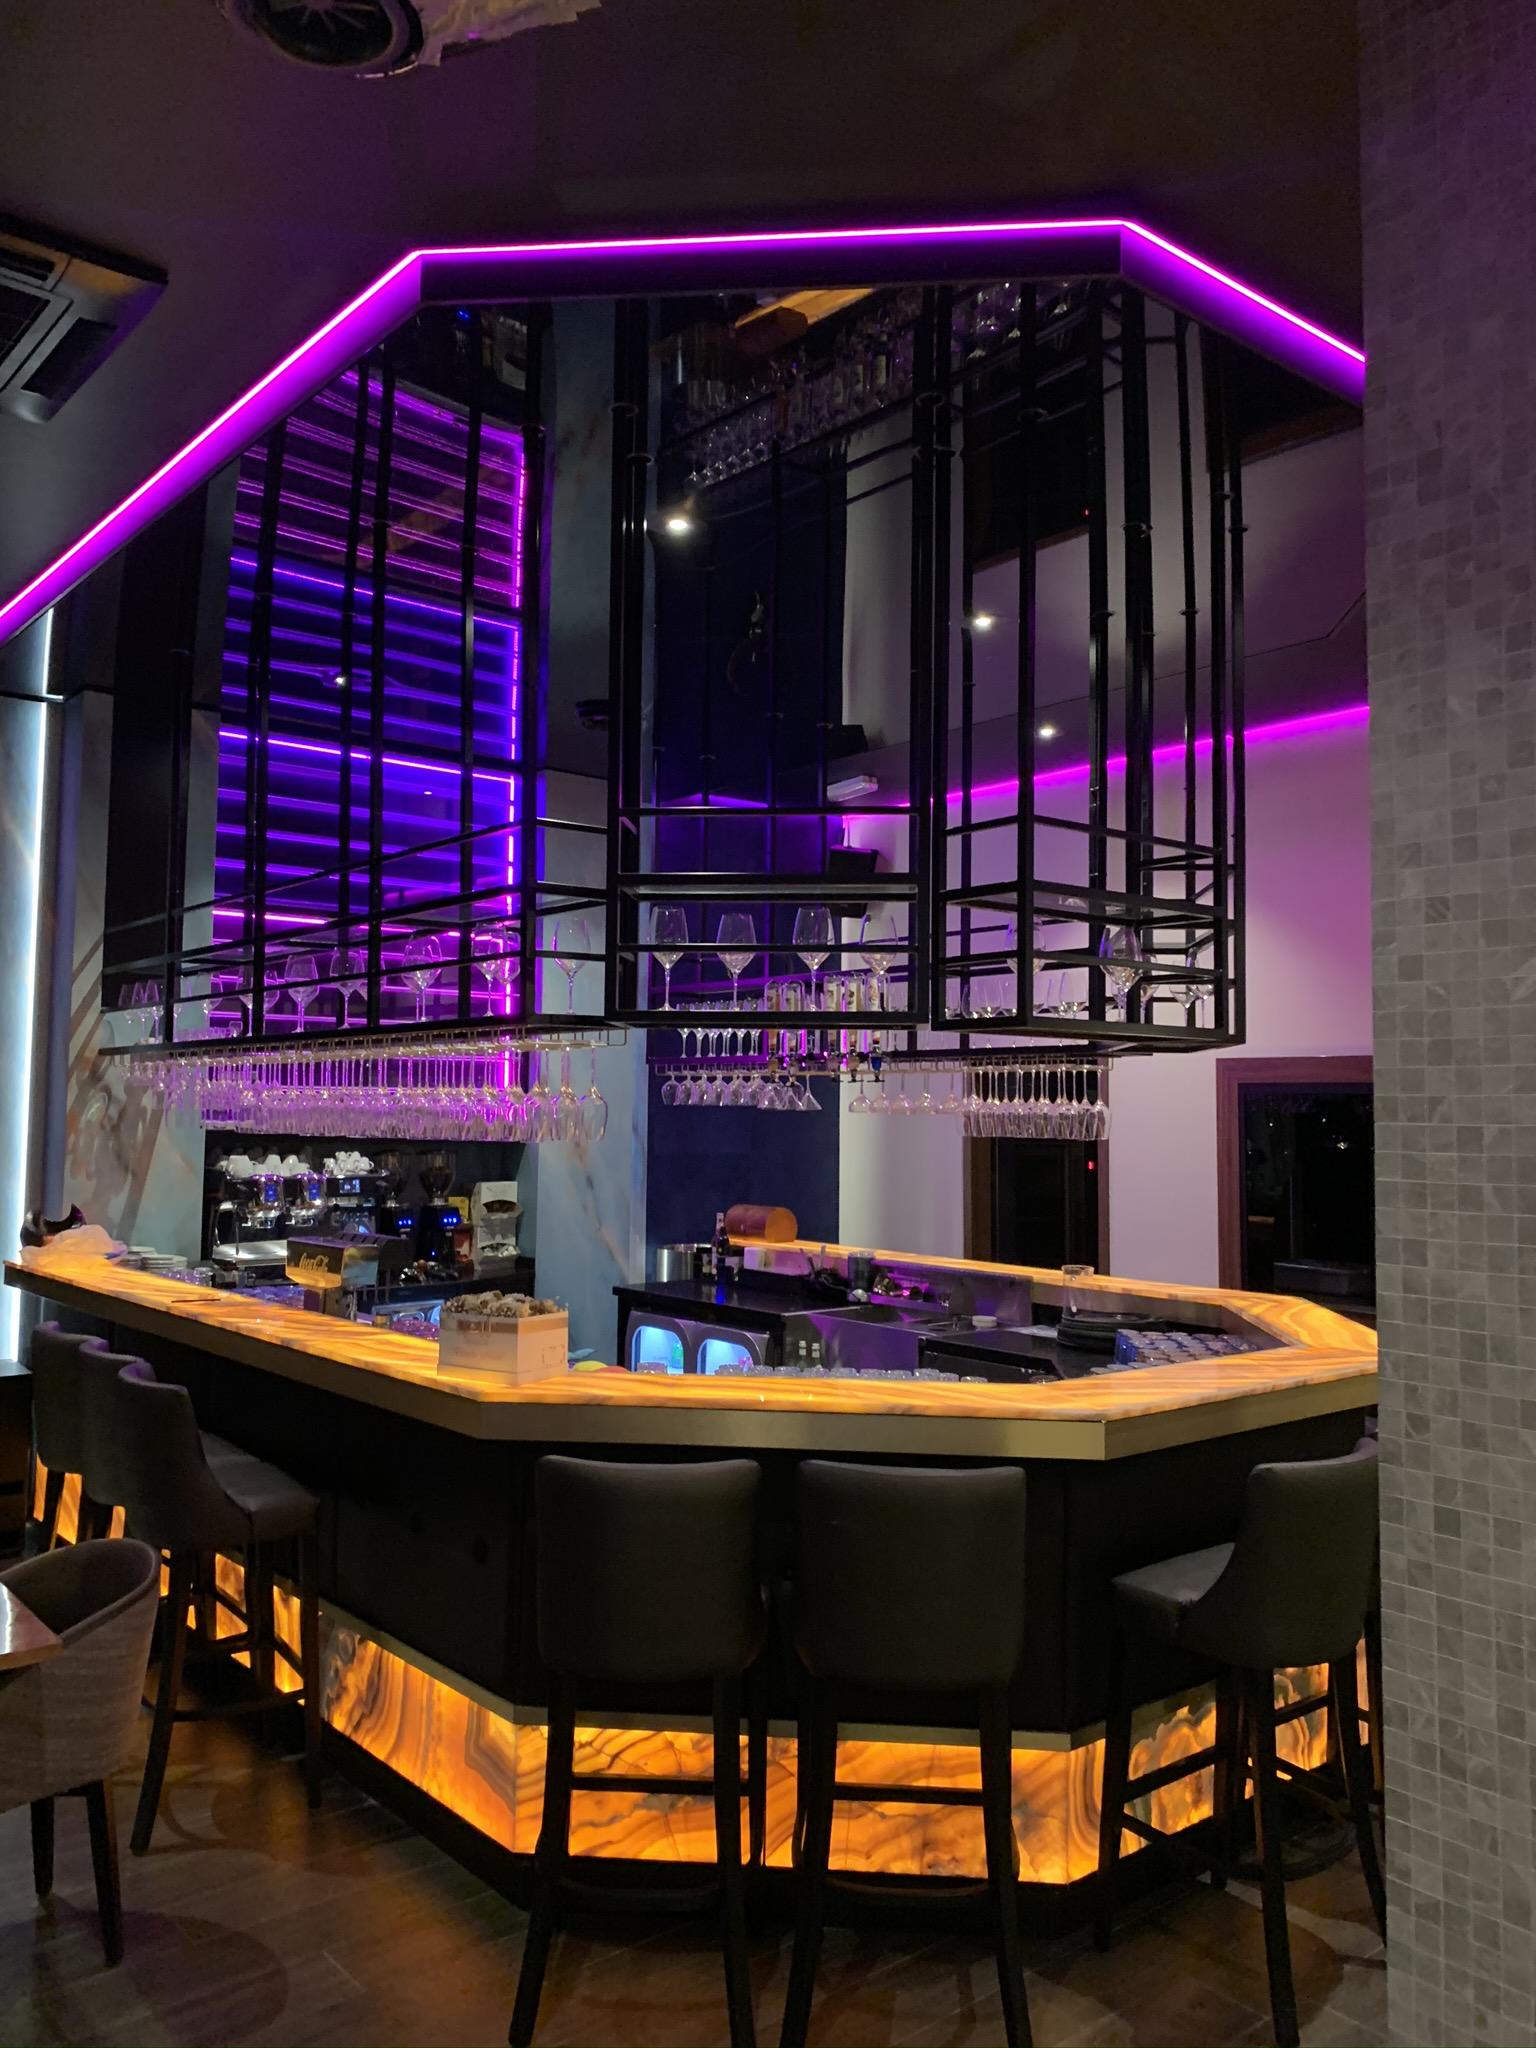 Gekleurde LED verlichting met een spanplafond in horeca